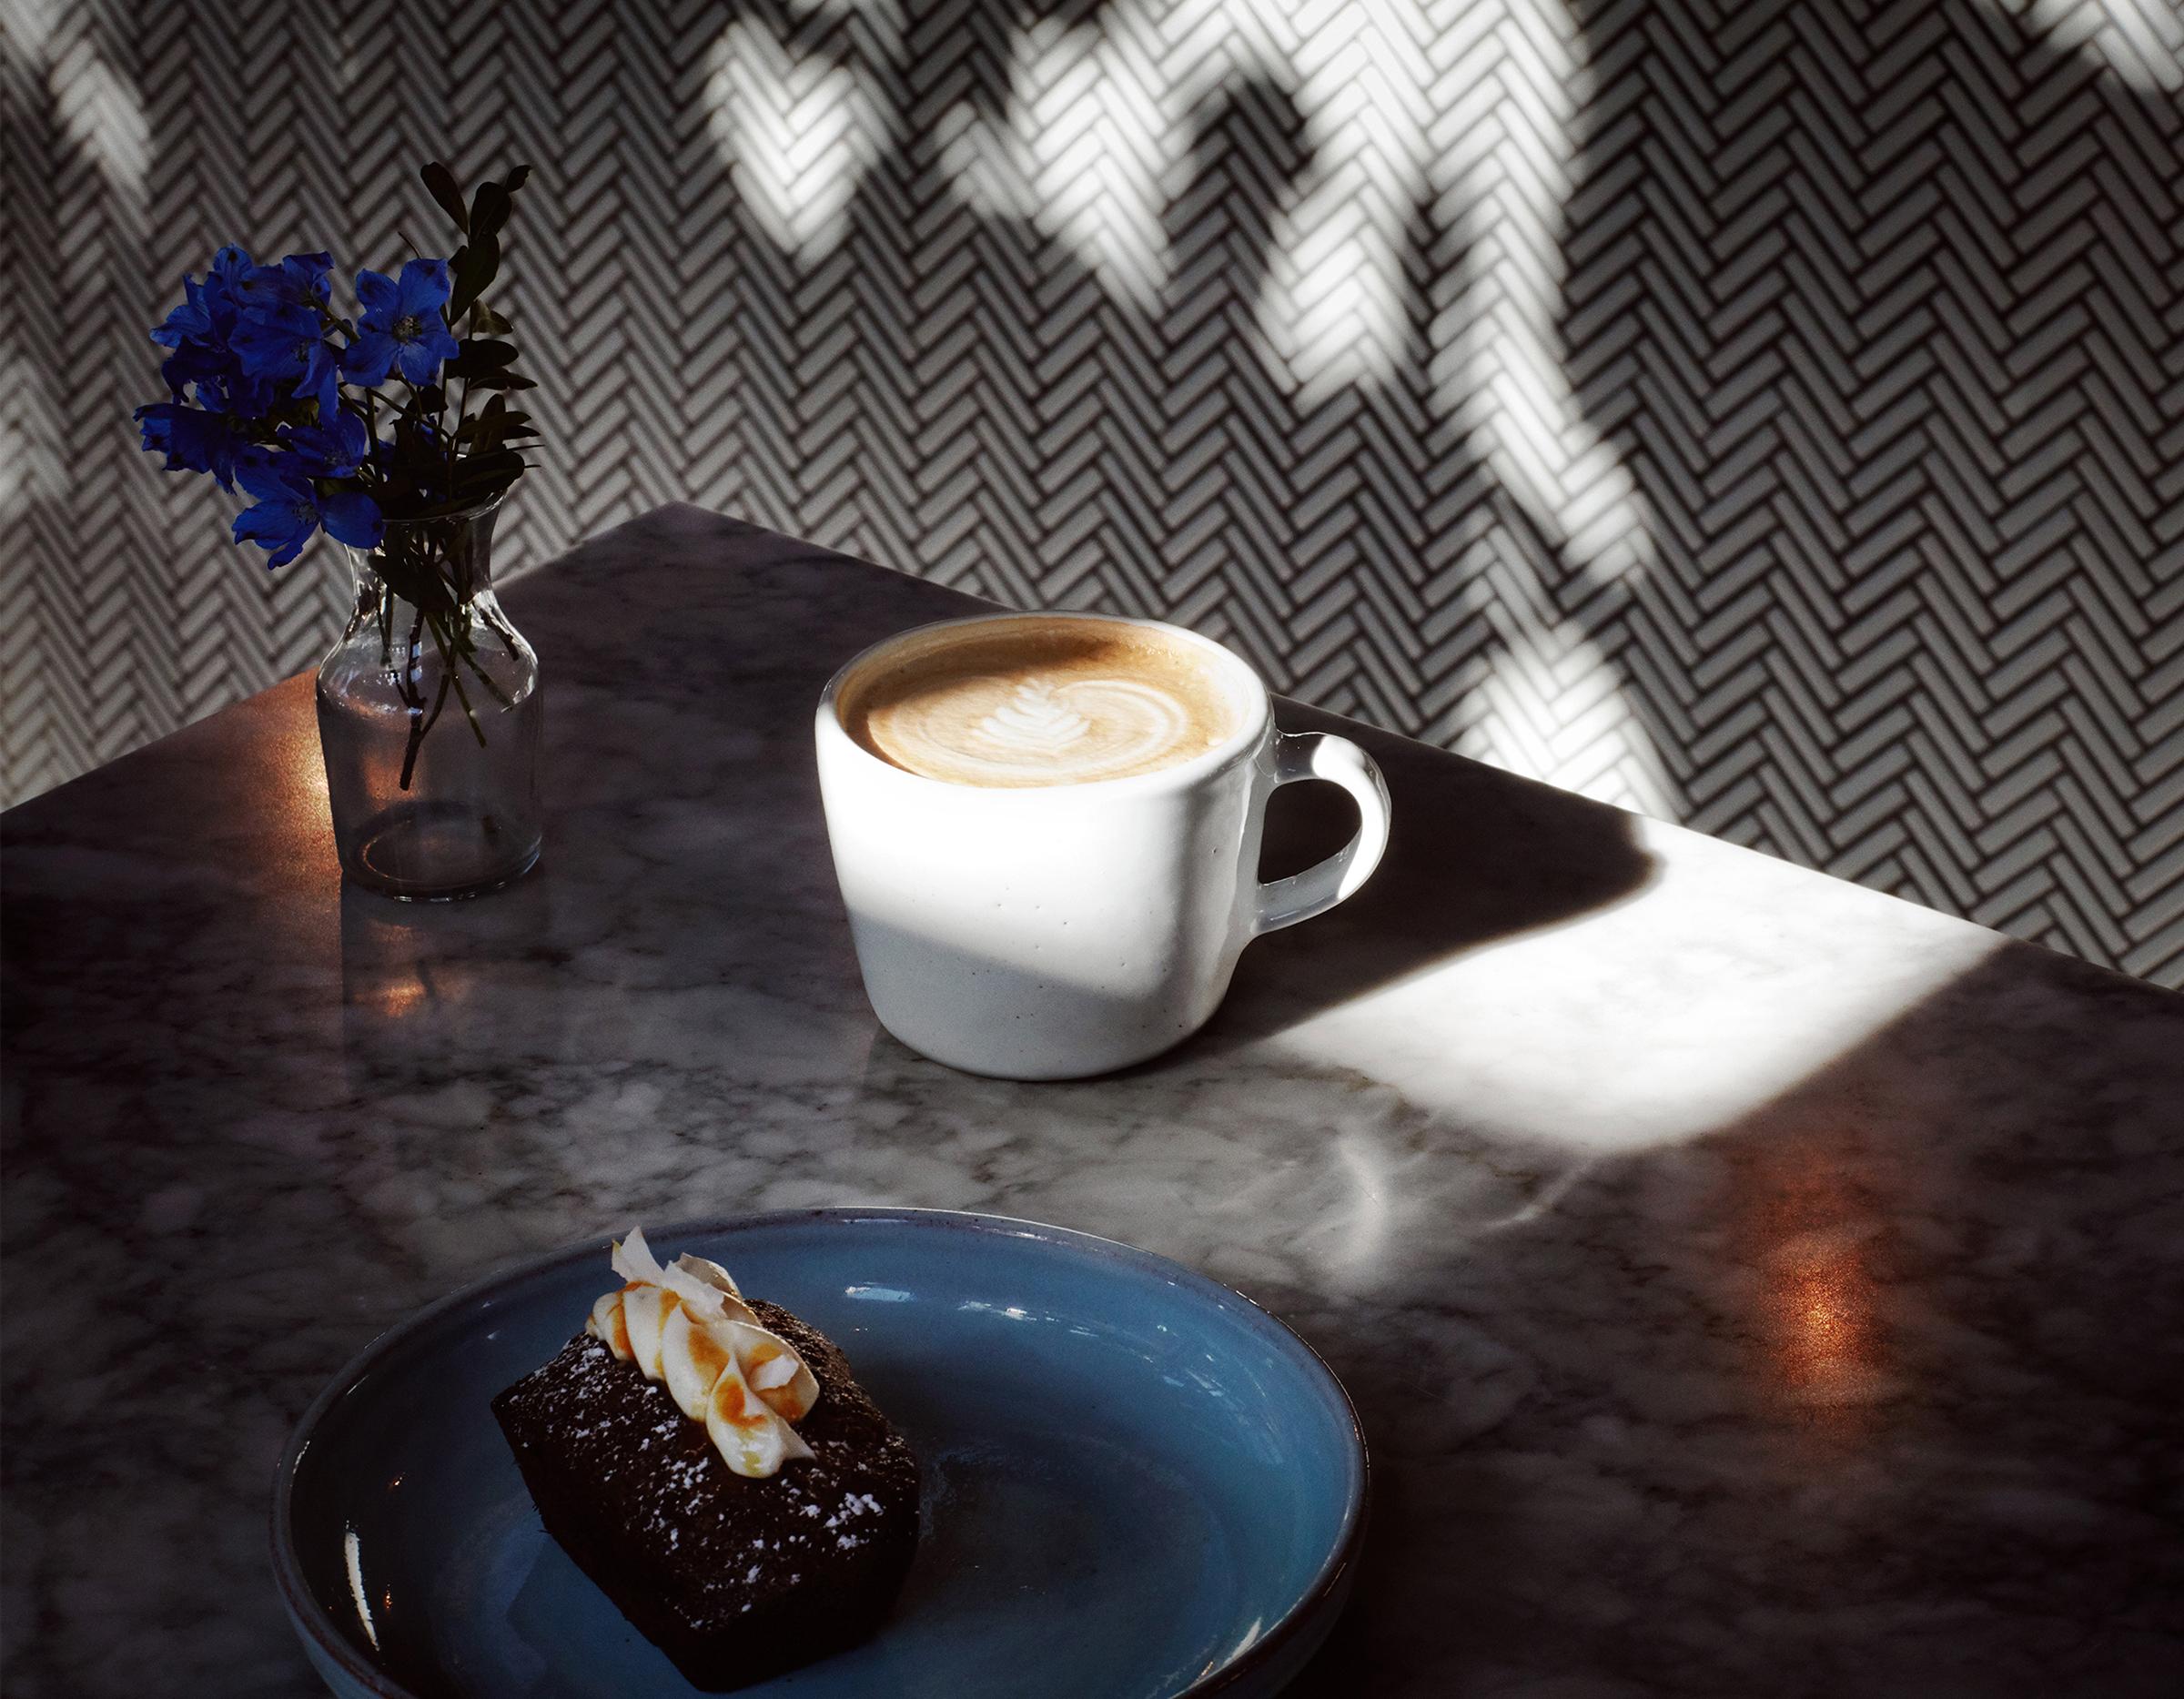 10_31_2017_Coffee_Shop4965_V2.jpg